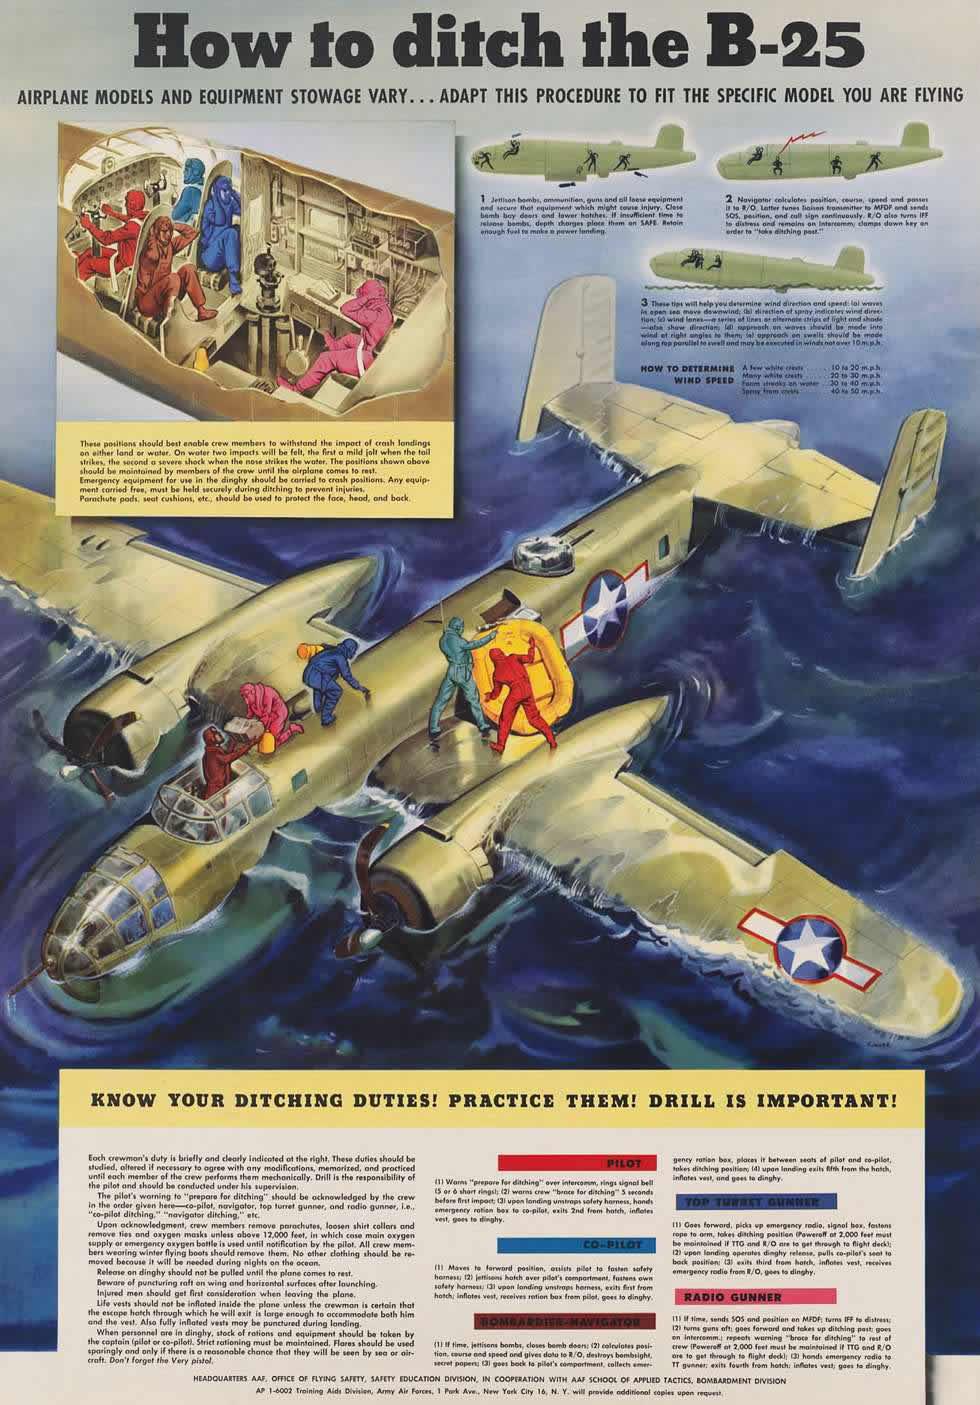 Схема покидания экипажем самолета North American B-25 Mitchell в случае вынужденного приводнения на поверхность моря